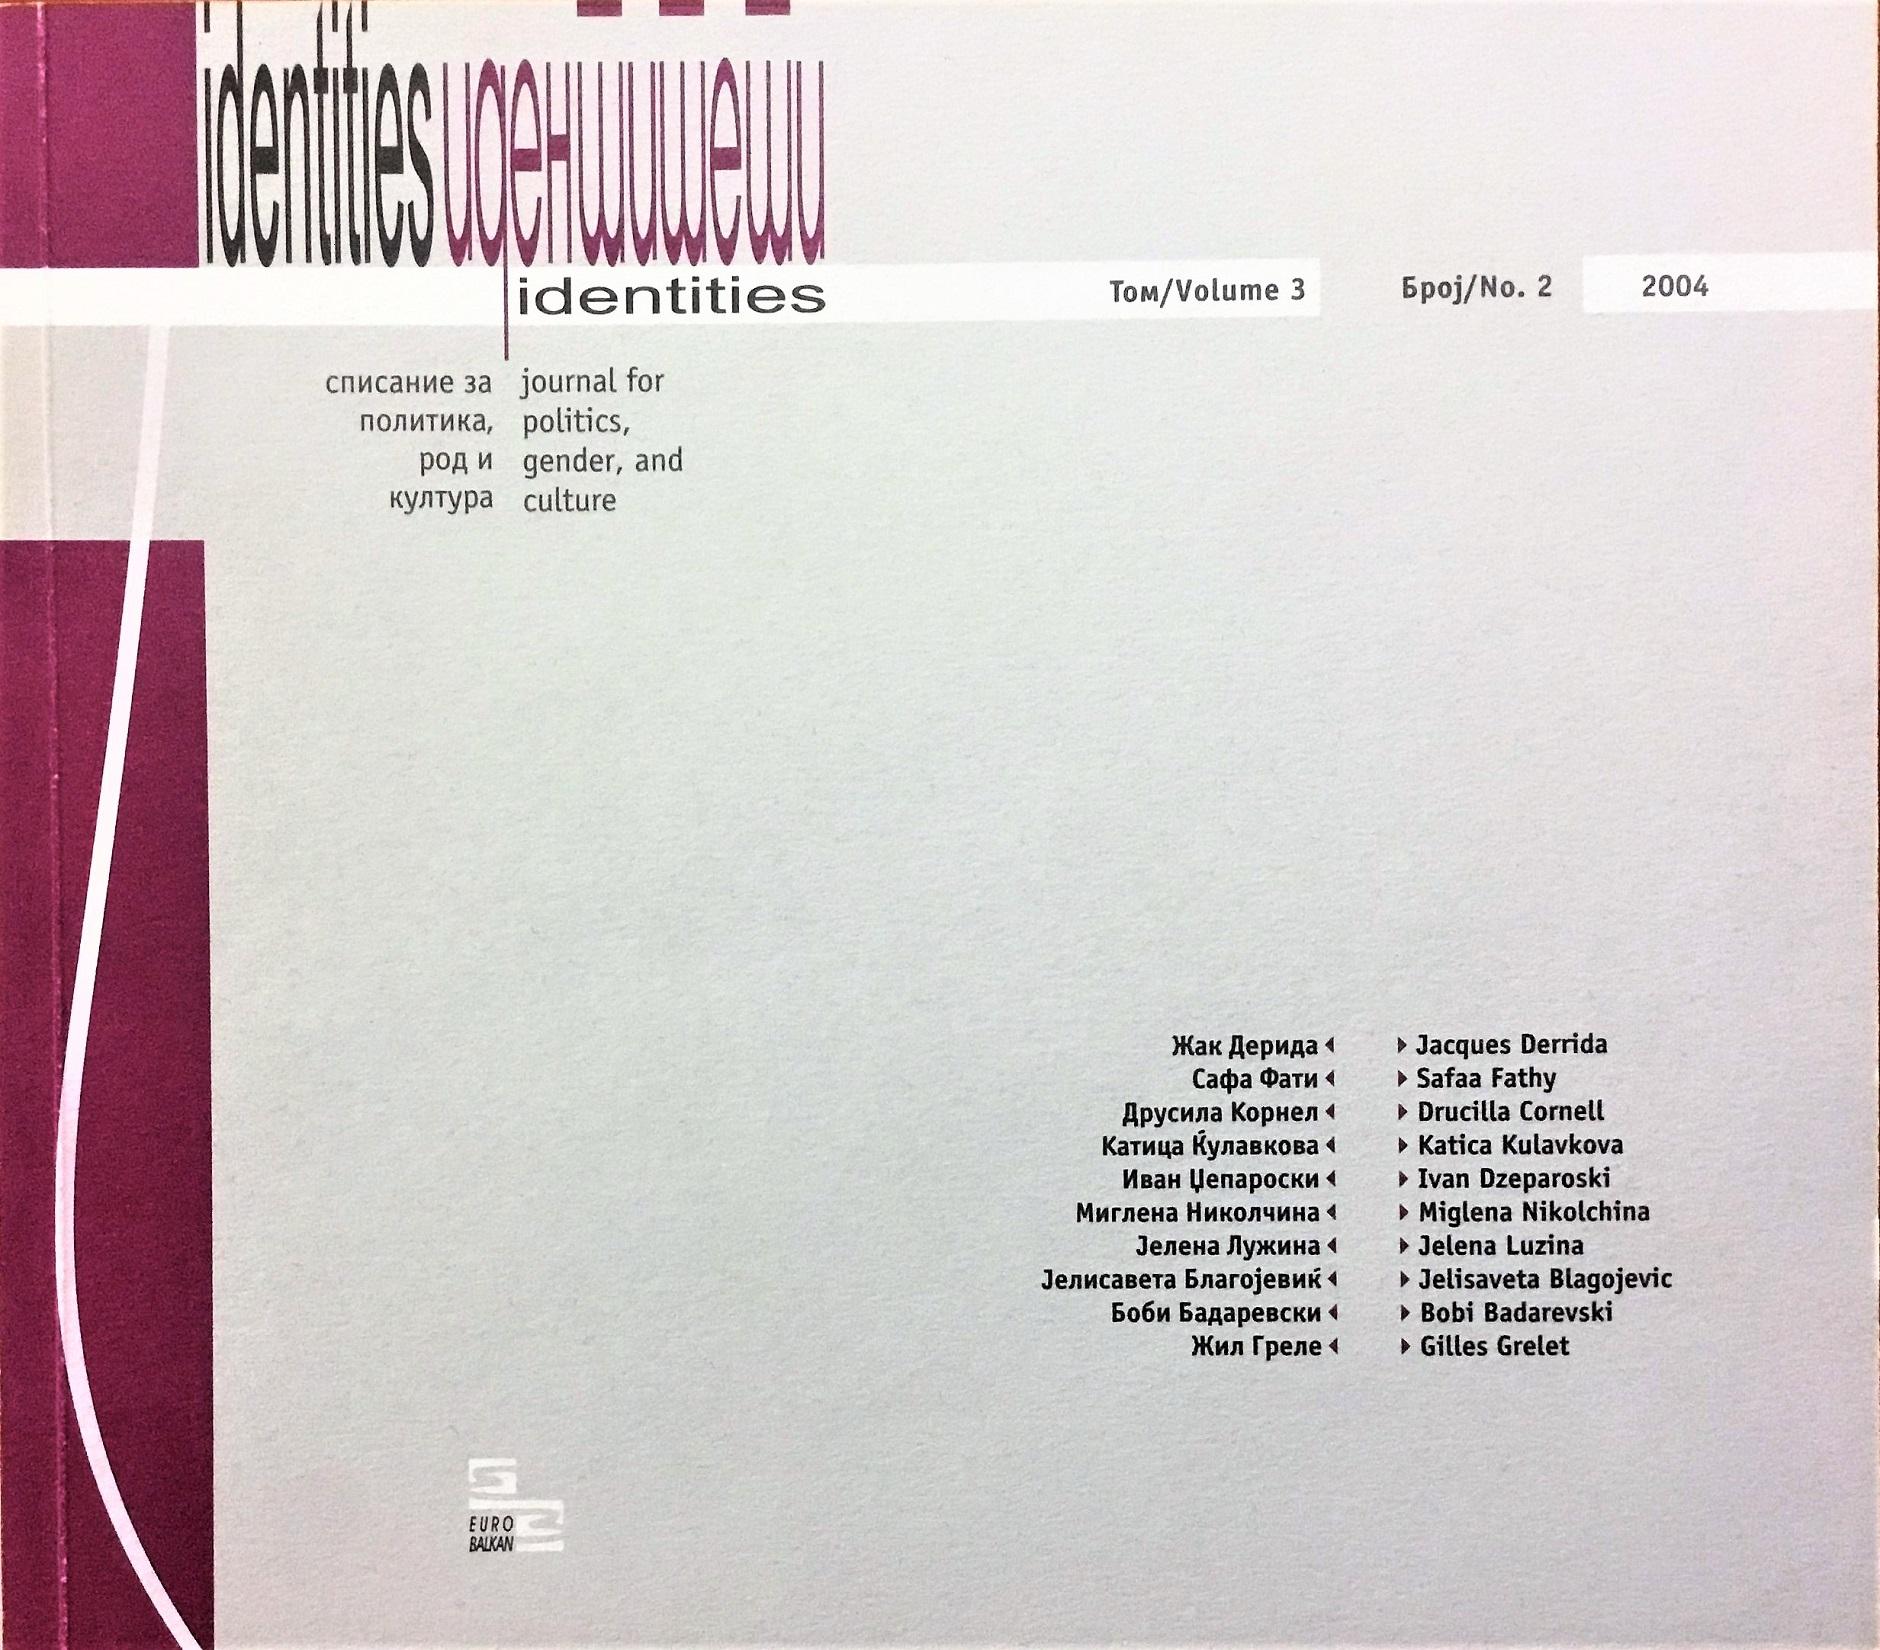 View Vol. 3 No. 2 (2004): Vol. 3, No. 2 (Winter 2004) - Issue No. 7